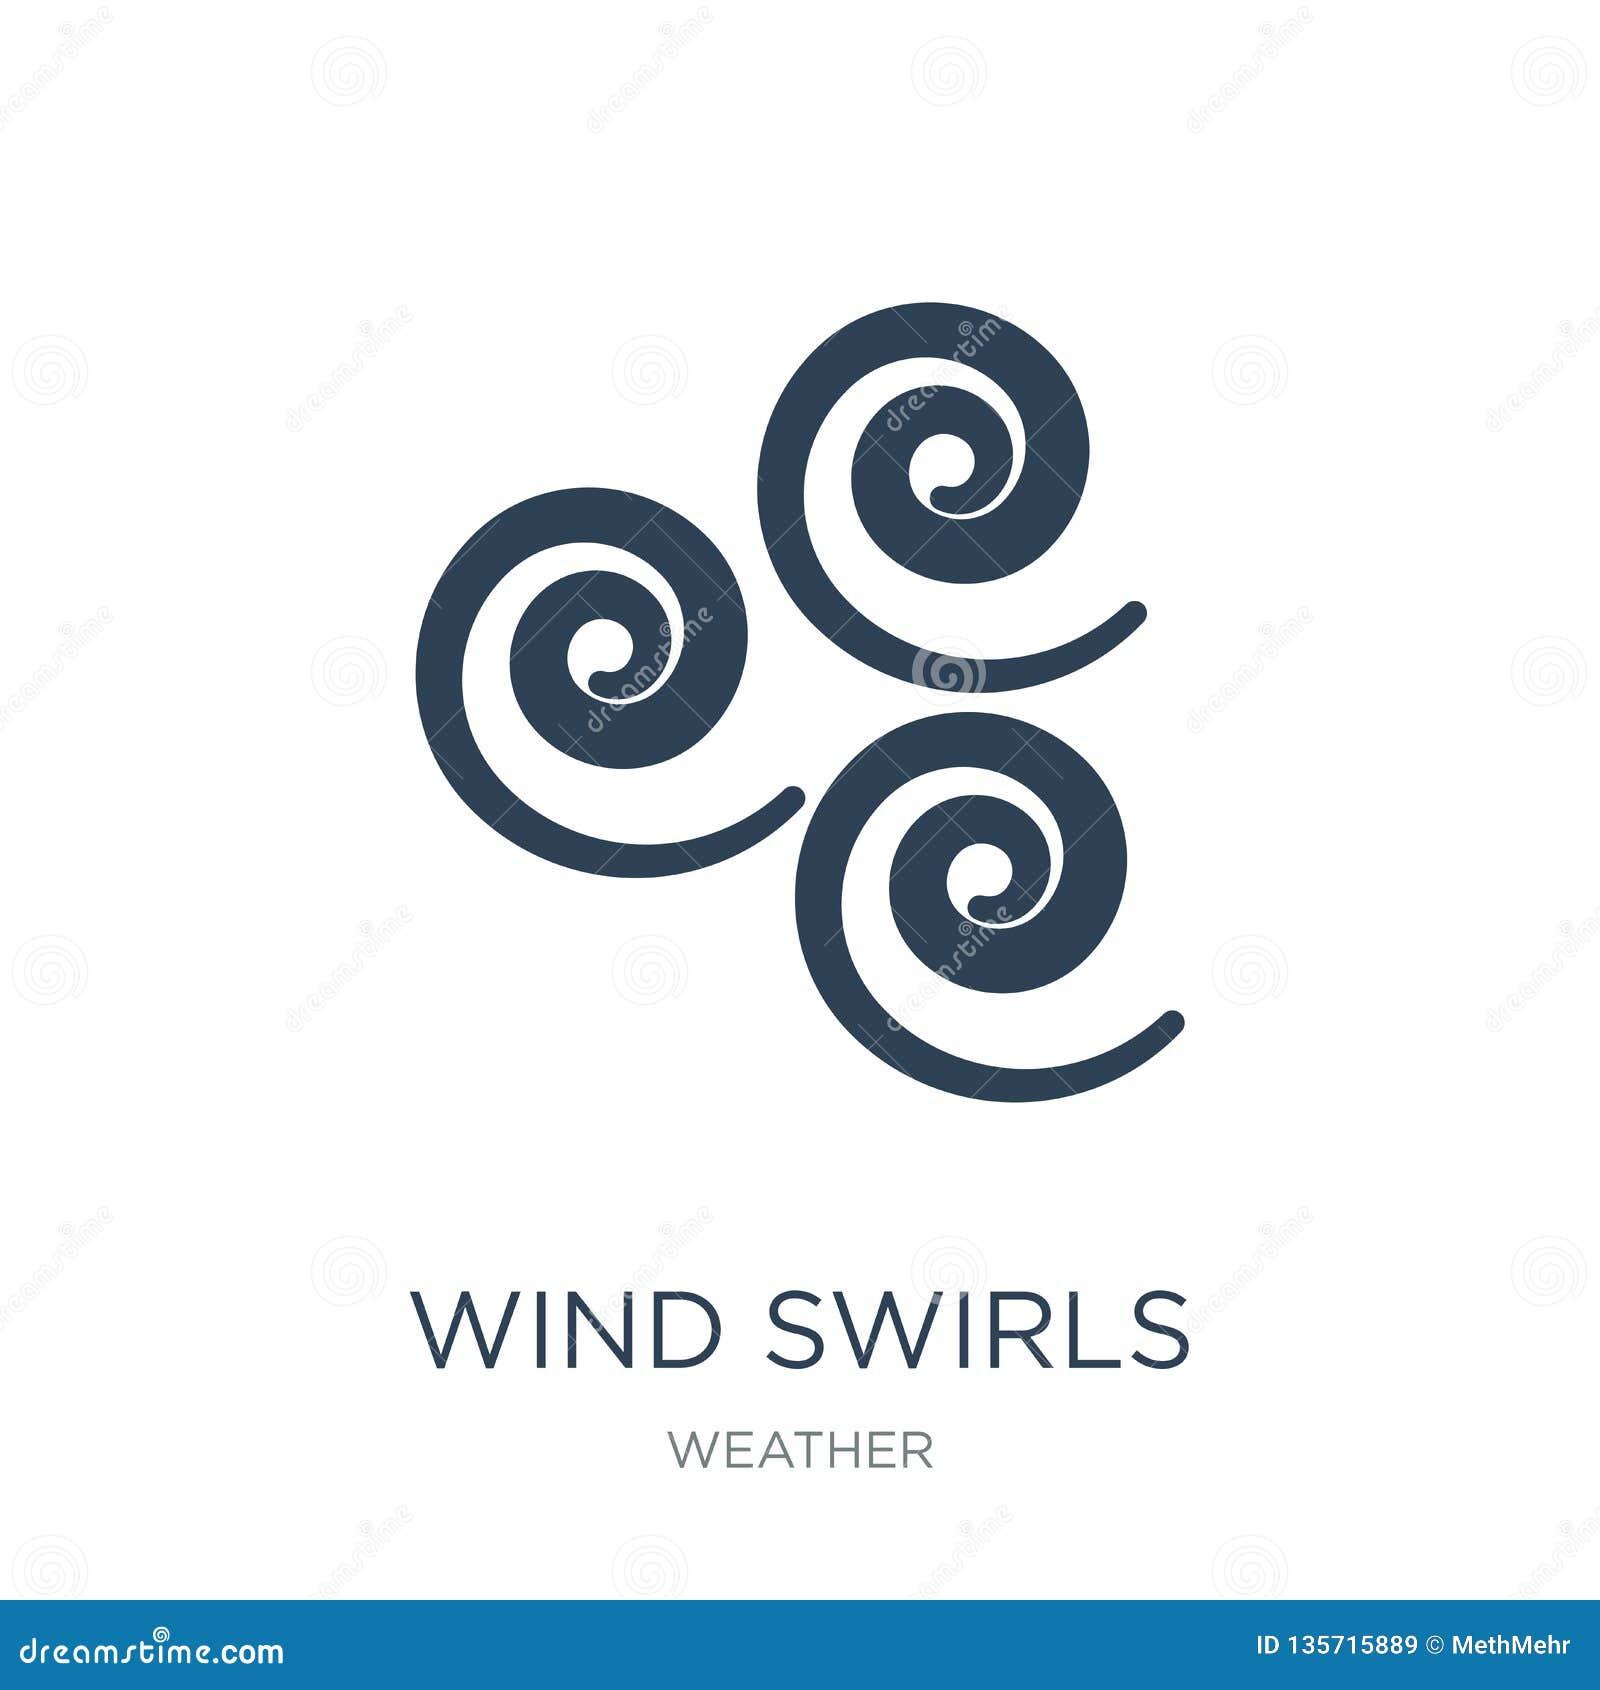 Vind virvlar runt symbolen i moderiktig designstil vind virvlar runt symbolen som isoleras på vit bakgrund vind virvlar runt den